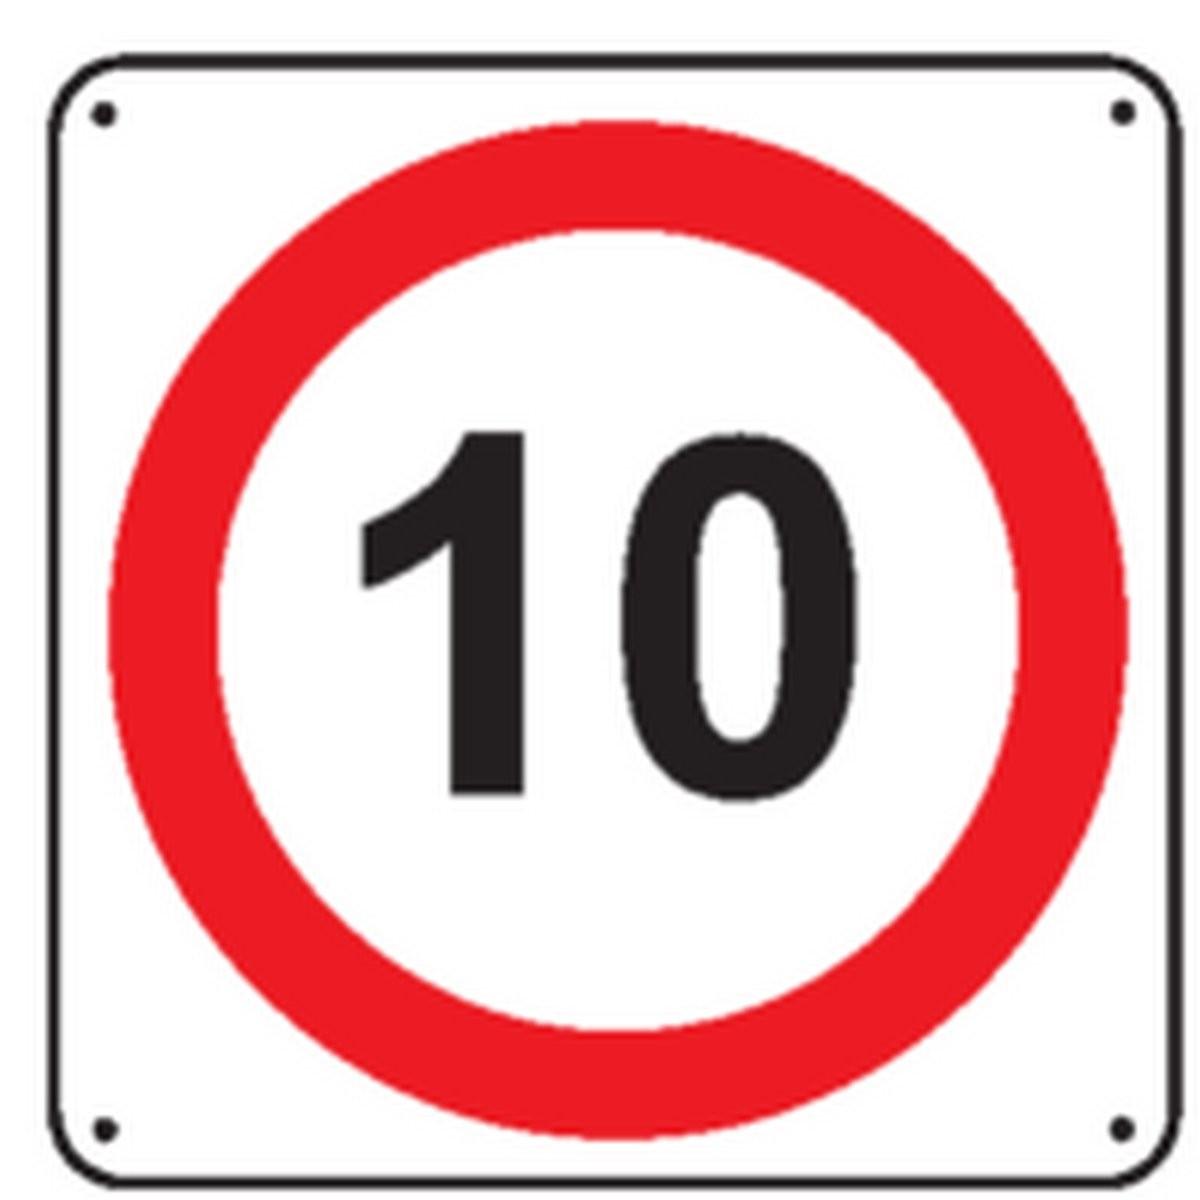 Panneau 10 Km/h Renforcé pour poteau